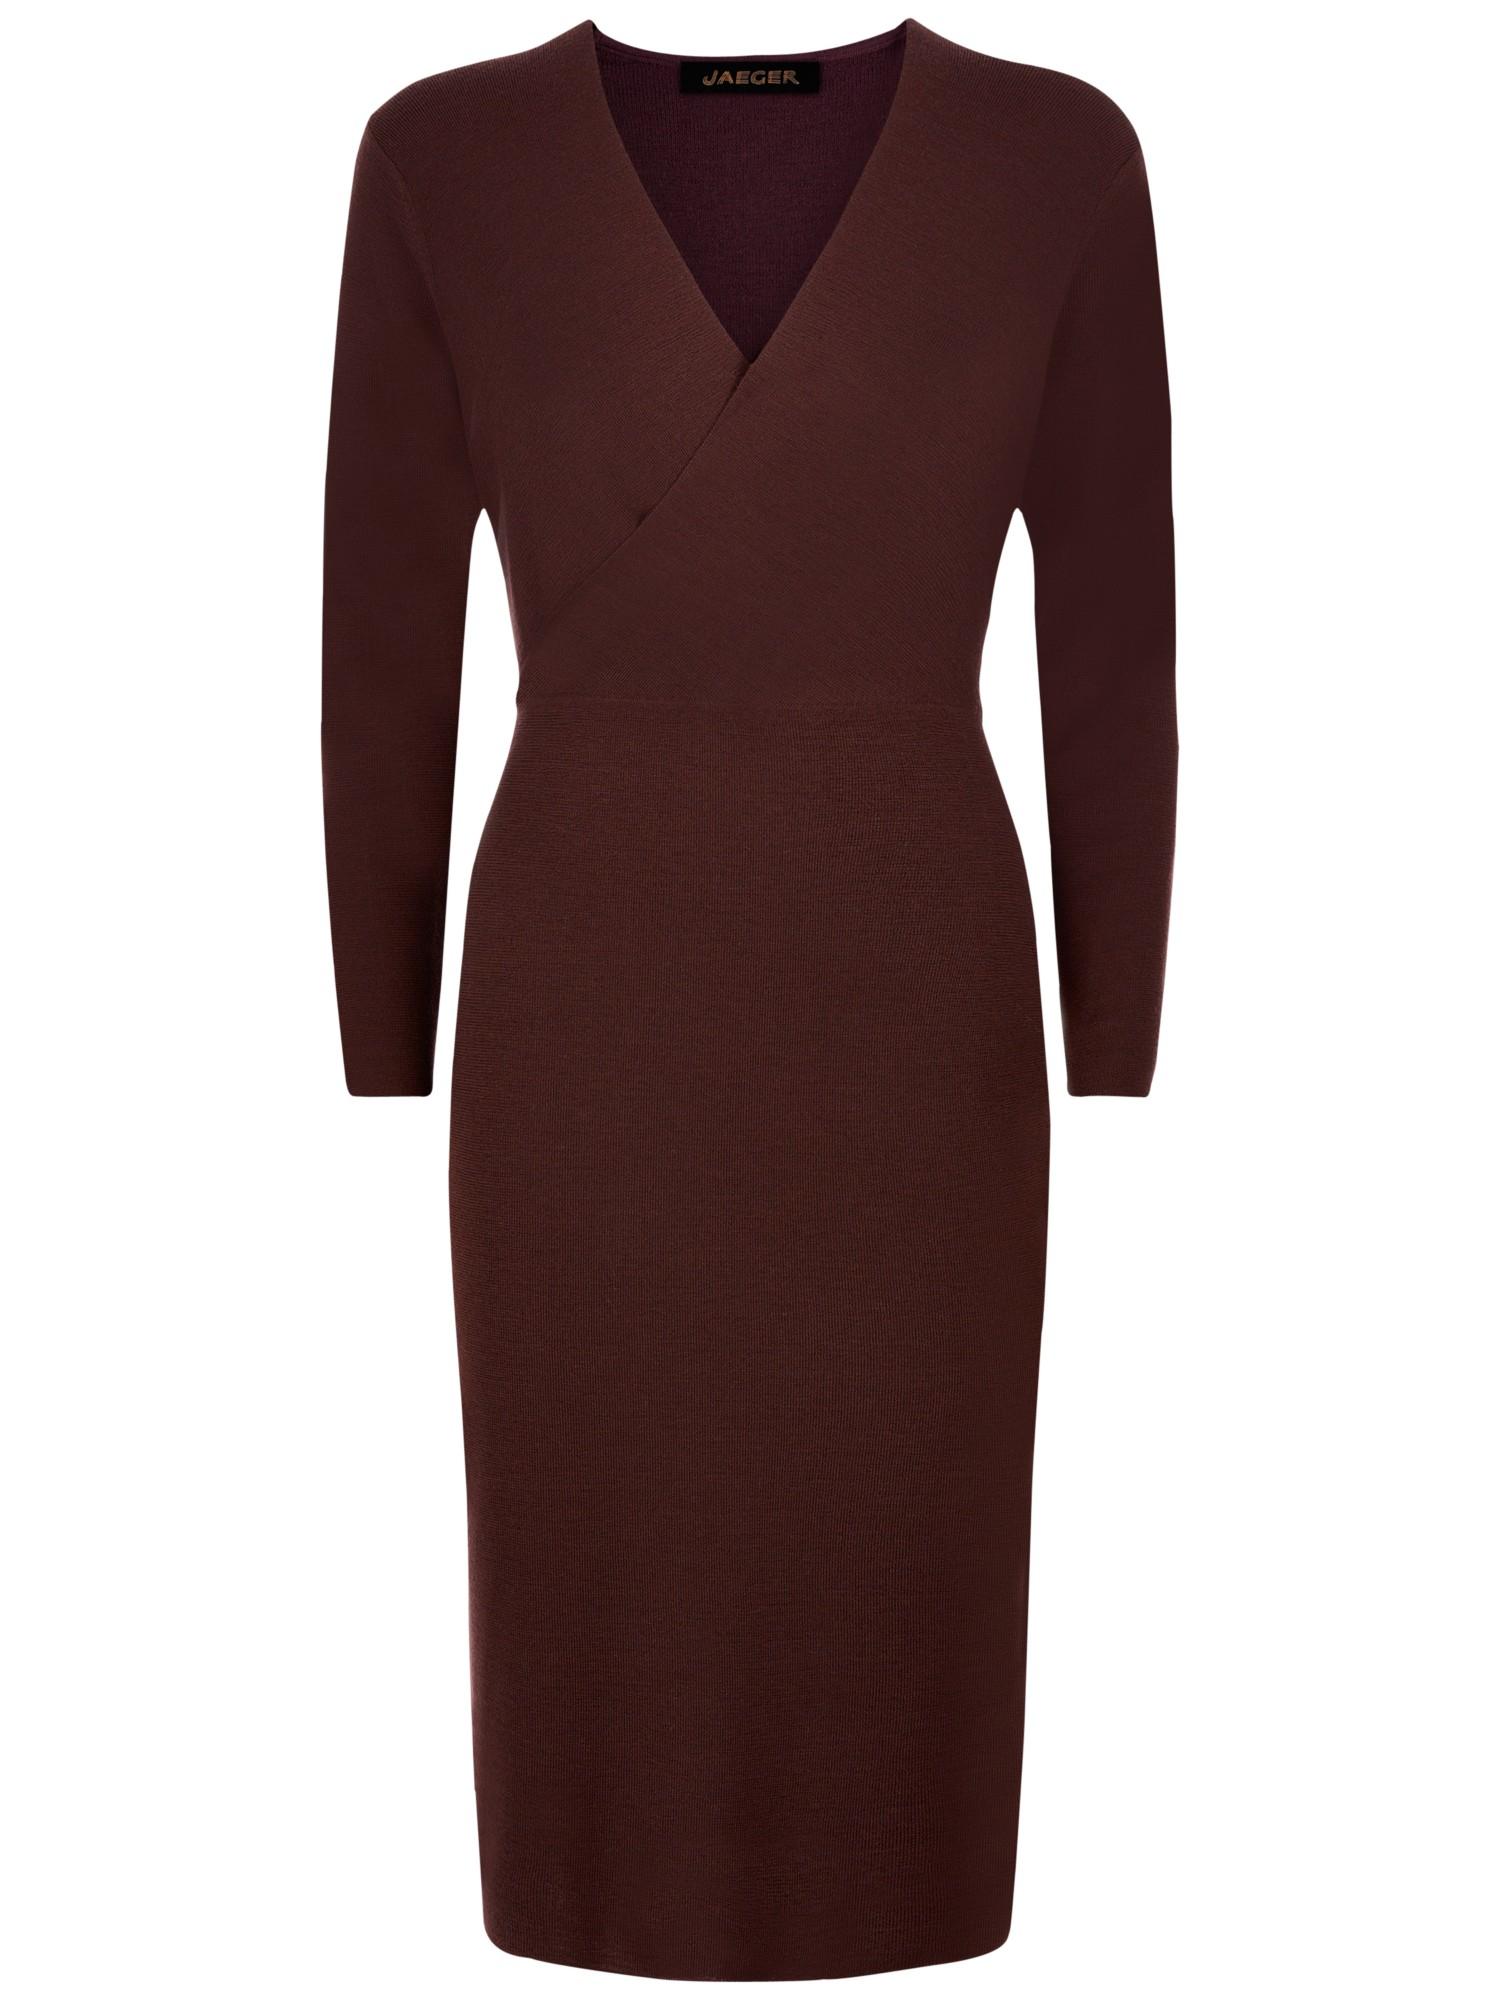 Jaeger Wool Knit Wrap Dress In Brown Lyst